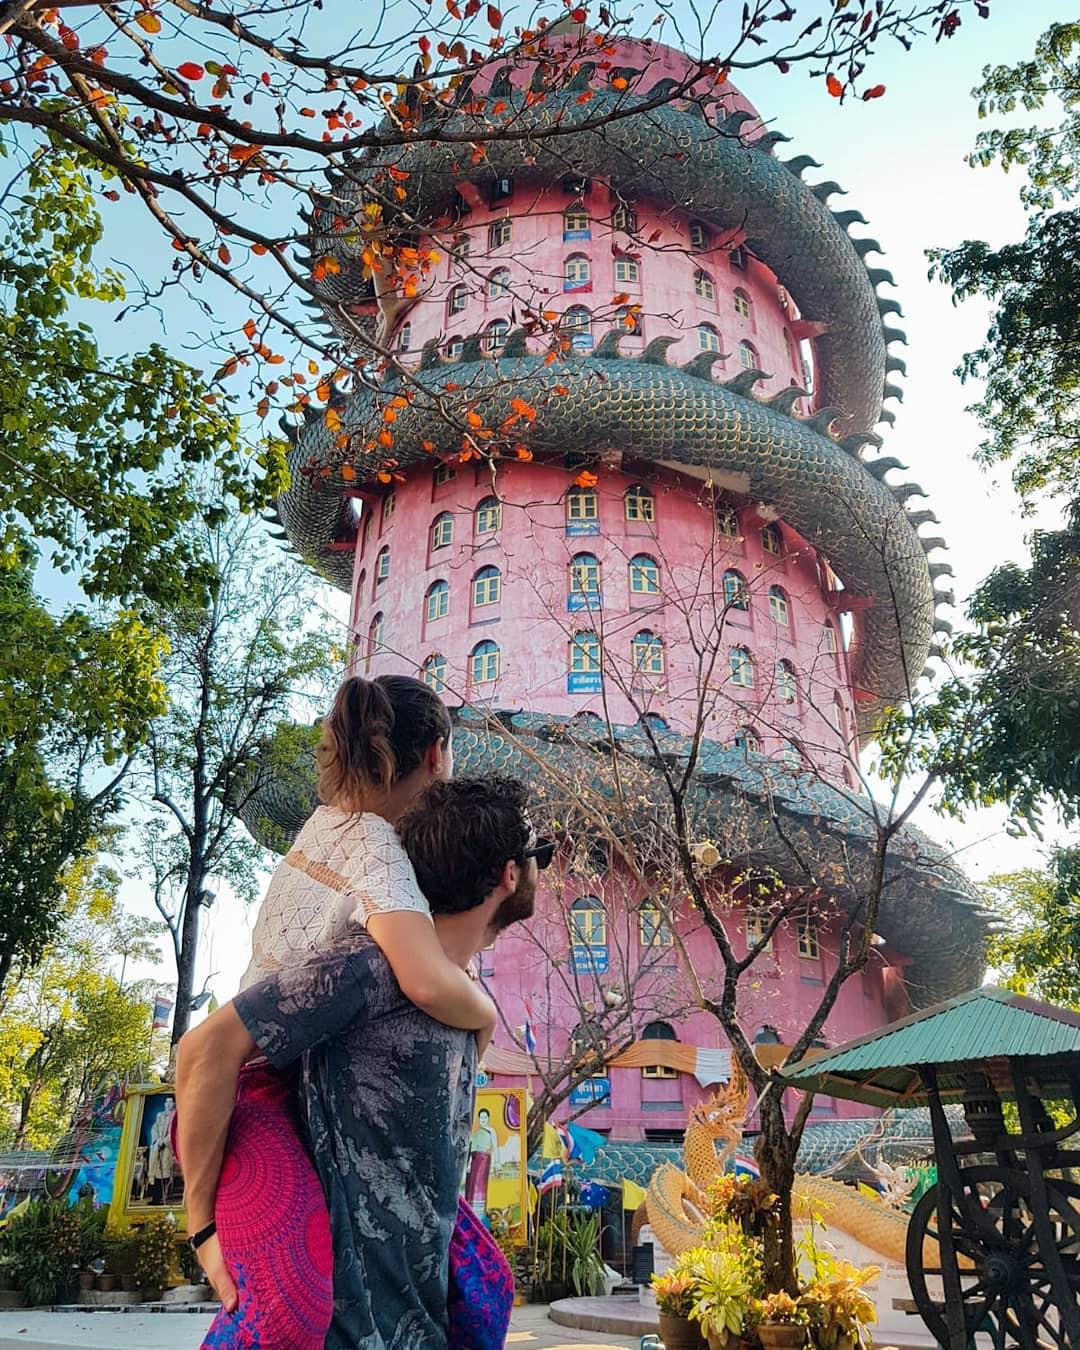 Thoạt nhìn cứ tưởng bối cảnh phim Hollywood nhưng hoá ra ngôi chùa này ở Thái lại hoàn toàn có thật! - Ảnh 10.